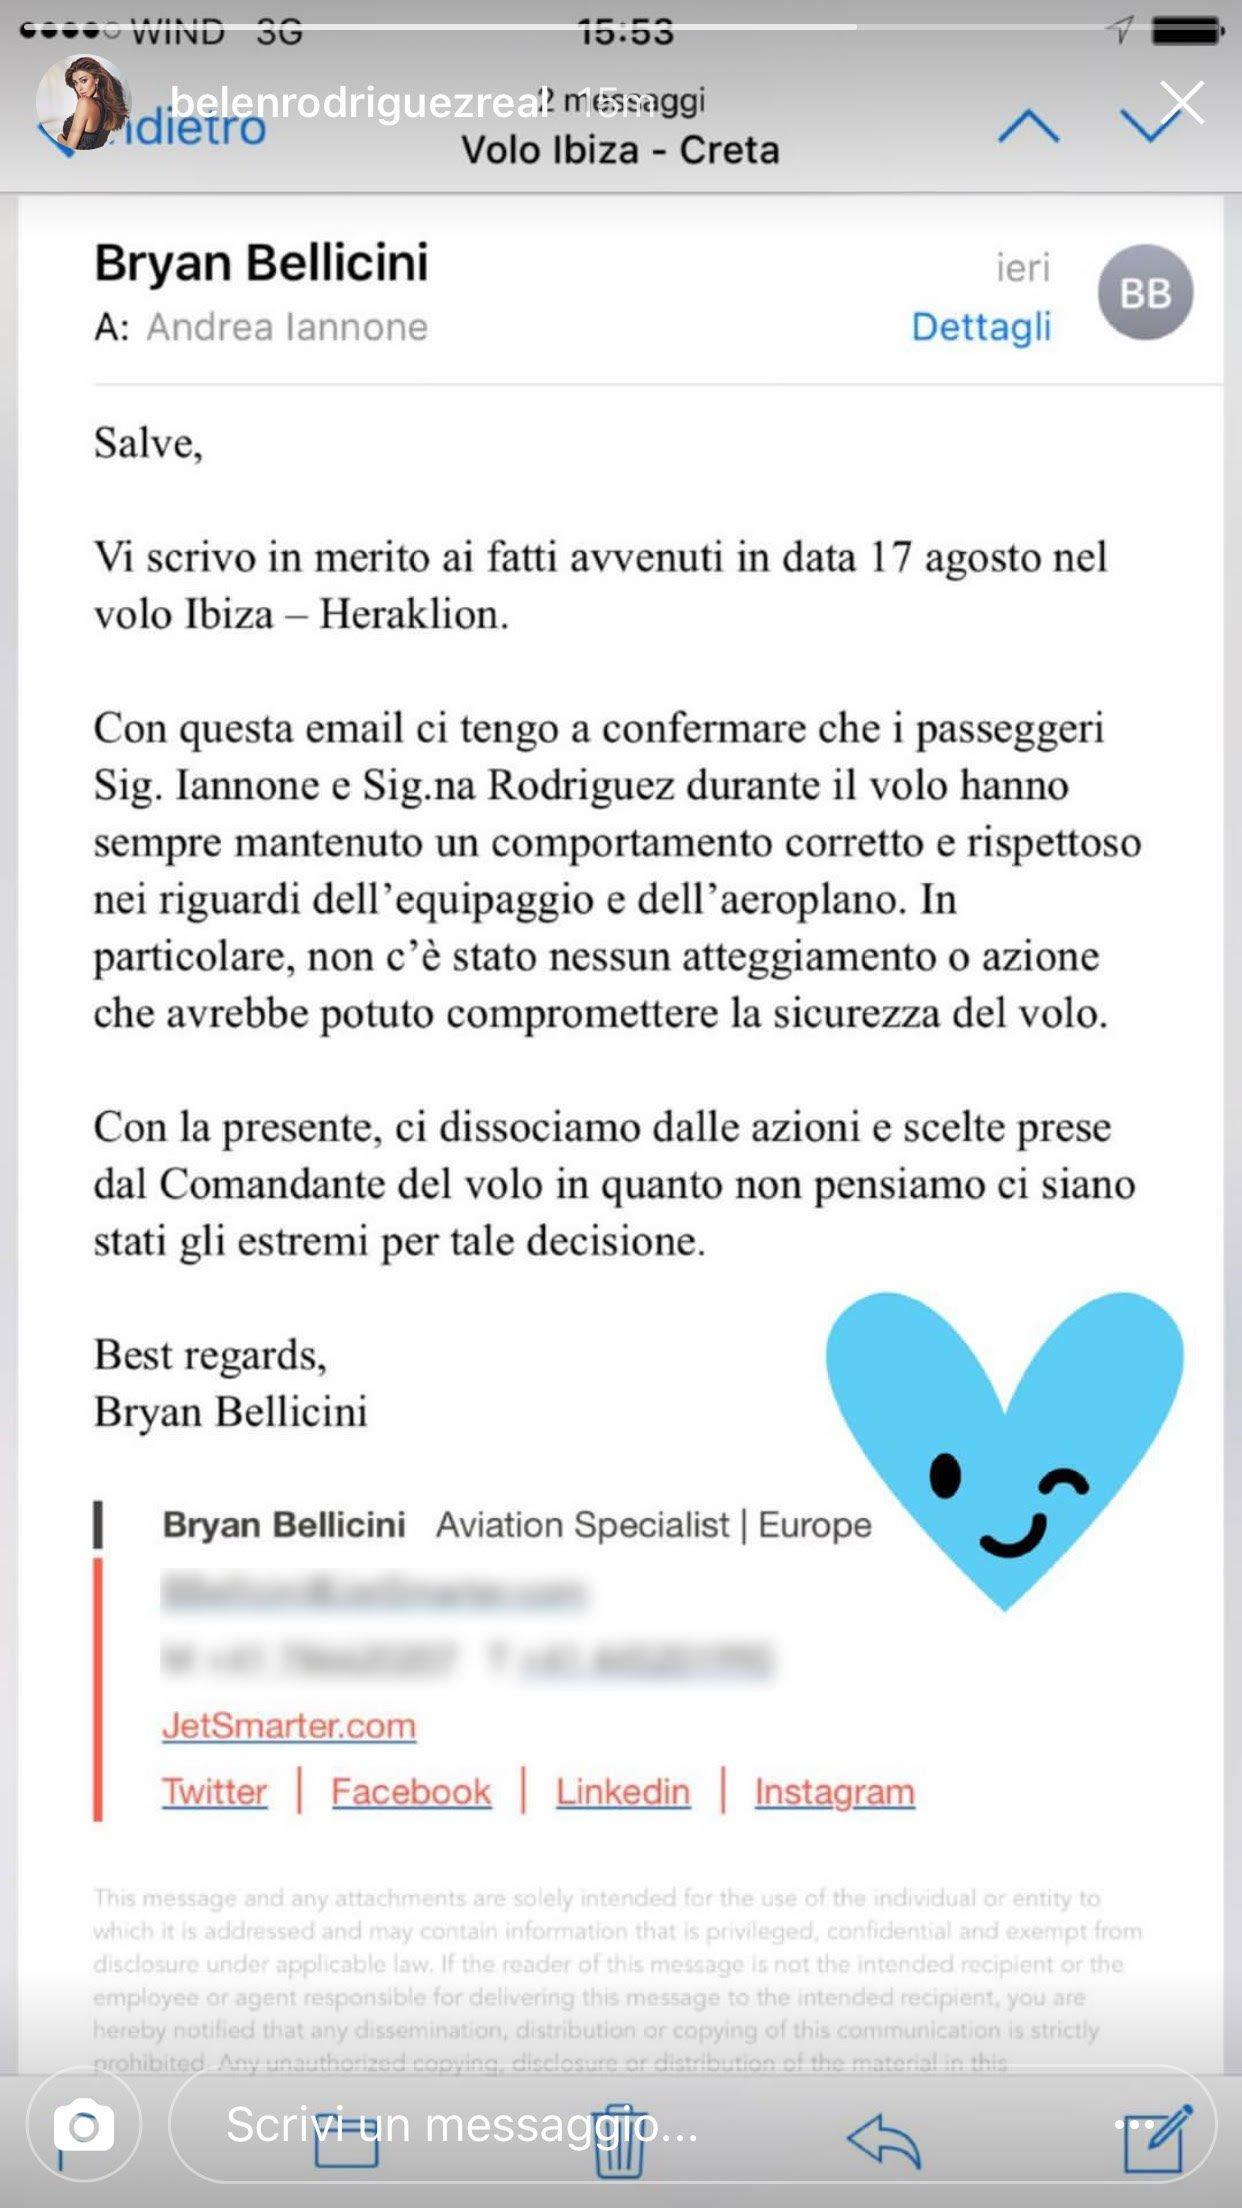 Belen e la storia del volo: arriva il chiarimento della compagnia aerea 32 Belen e la storia del volo: arriva il chiarimento della compagnia aerea